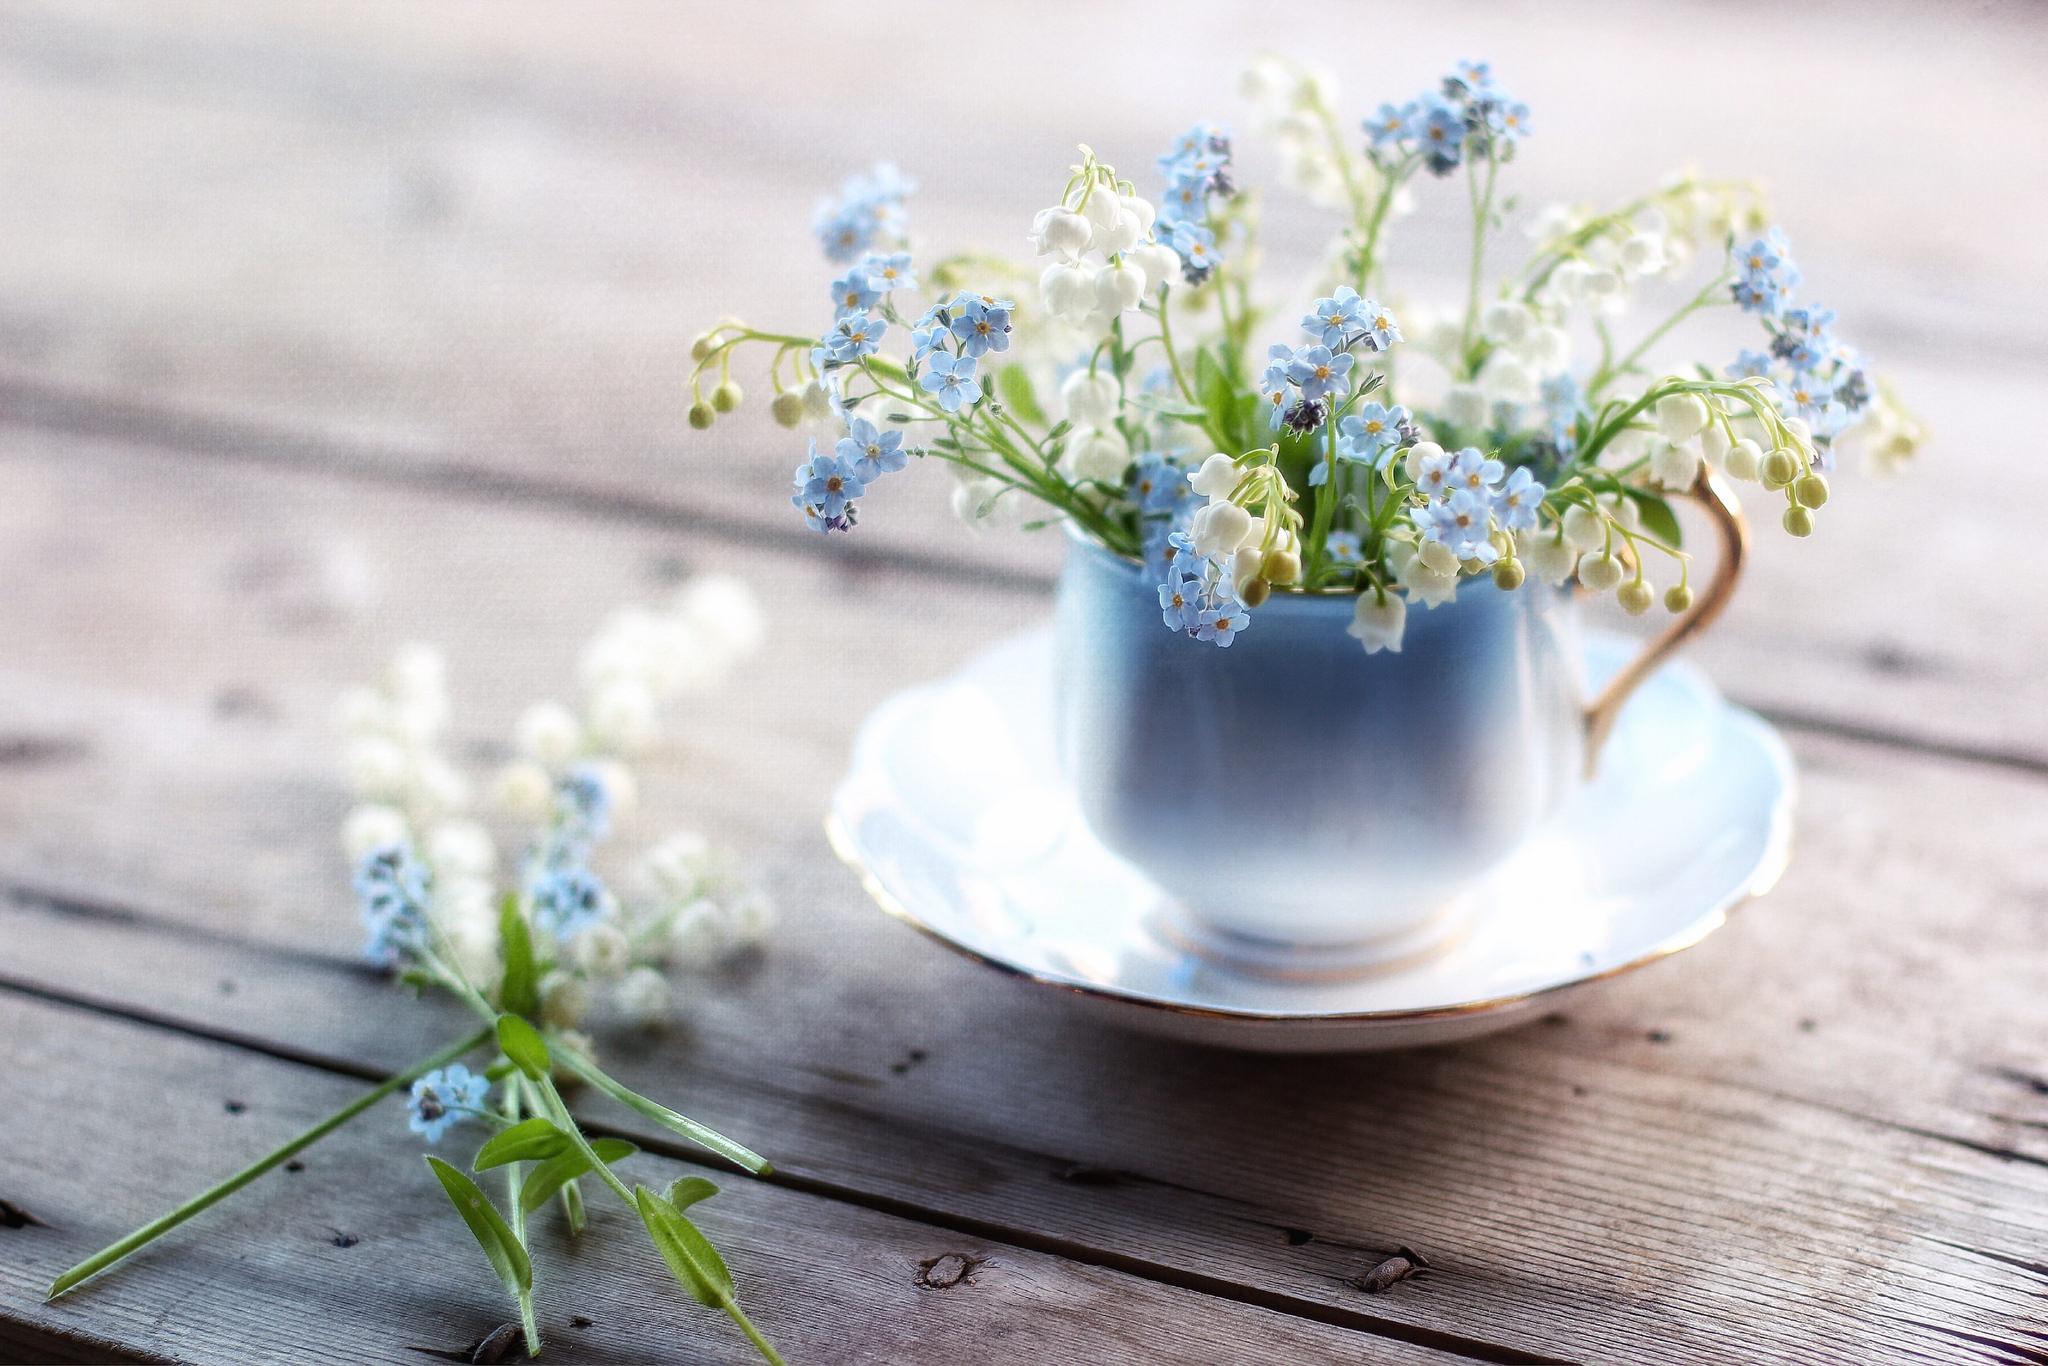 природа цветы чашка  № 1486740 загрузить